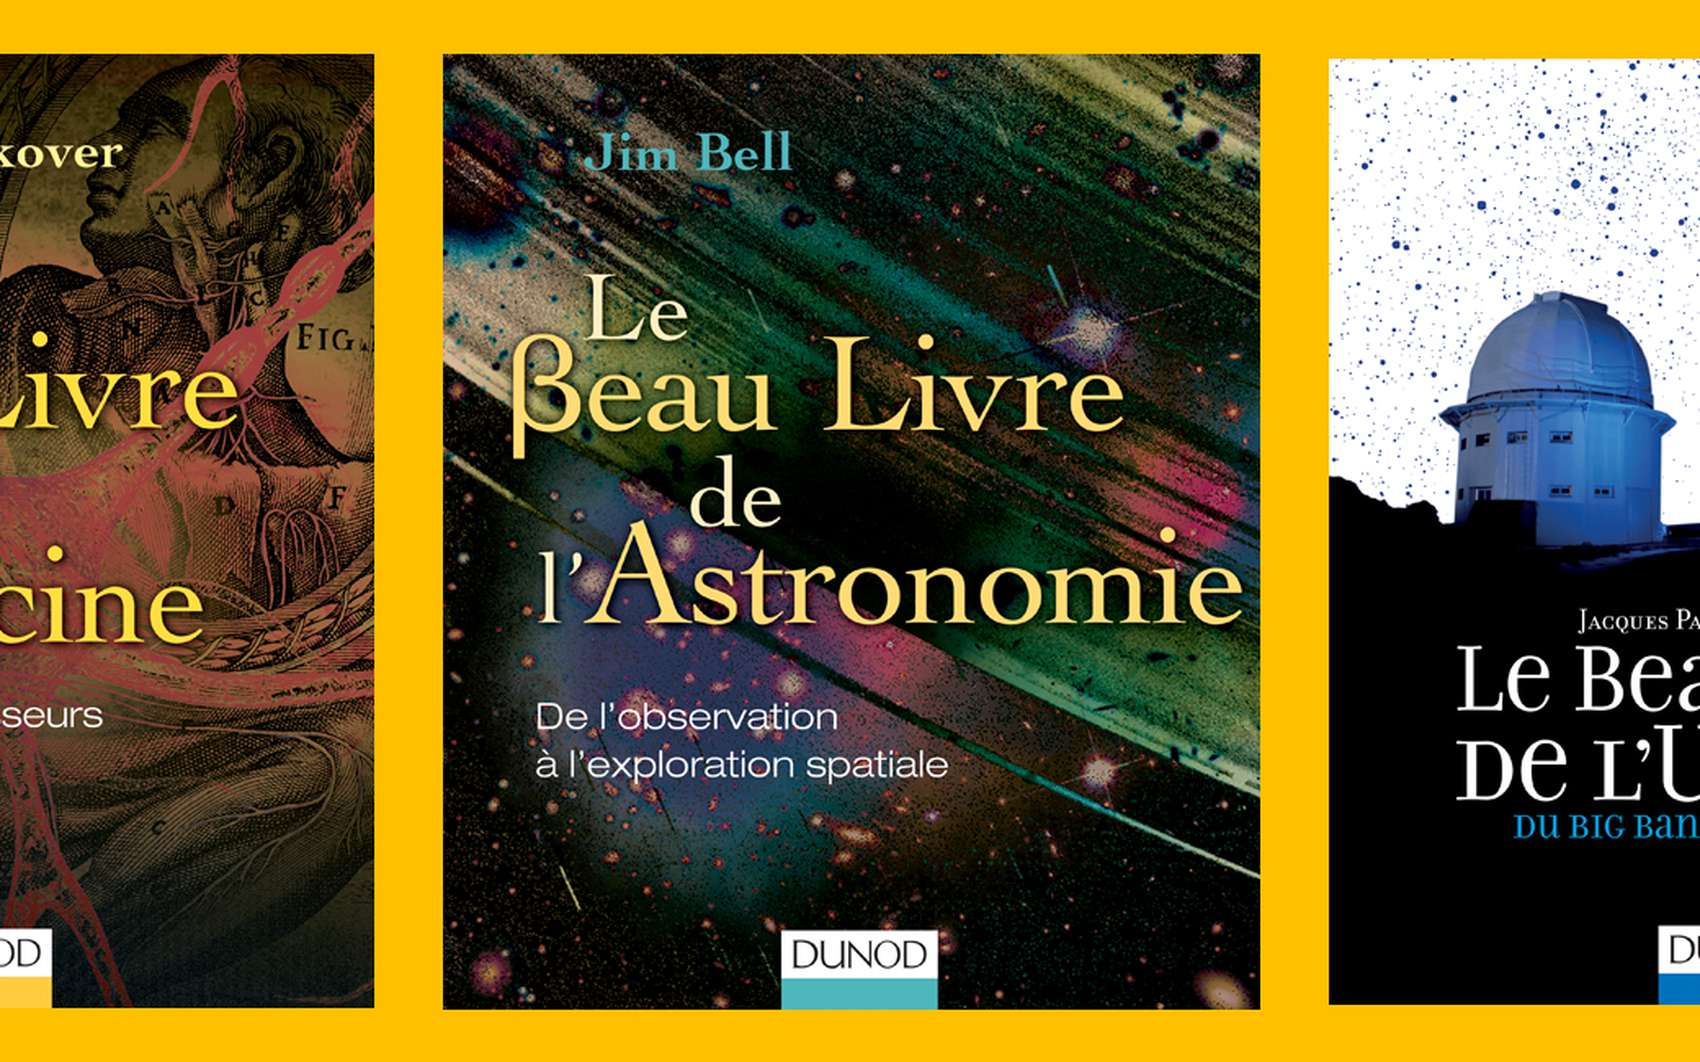 Tous les domaines de la science en grandes étapes, de la médecine à l'univers, sont à découvrir dans la collection « Les beaux livres du savoir » chez Dunod. © Dunod